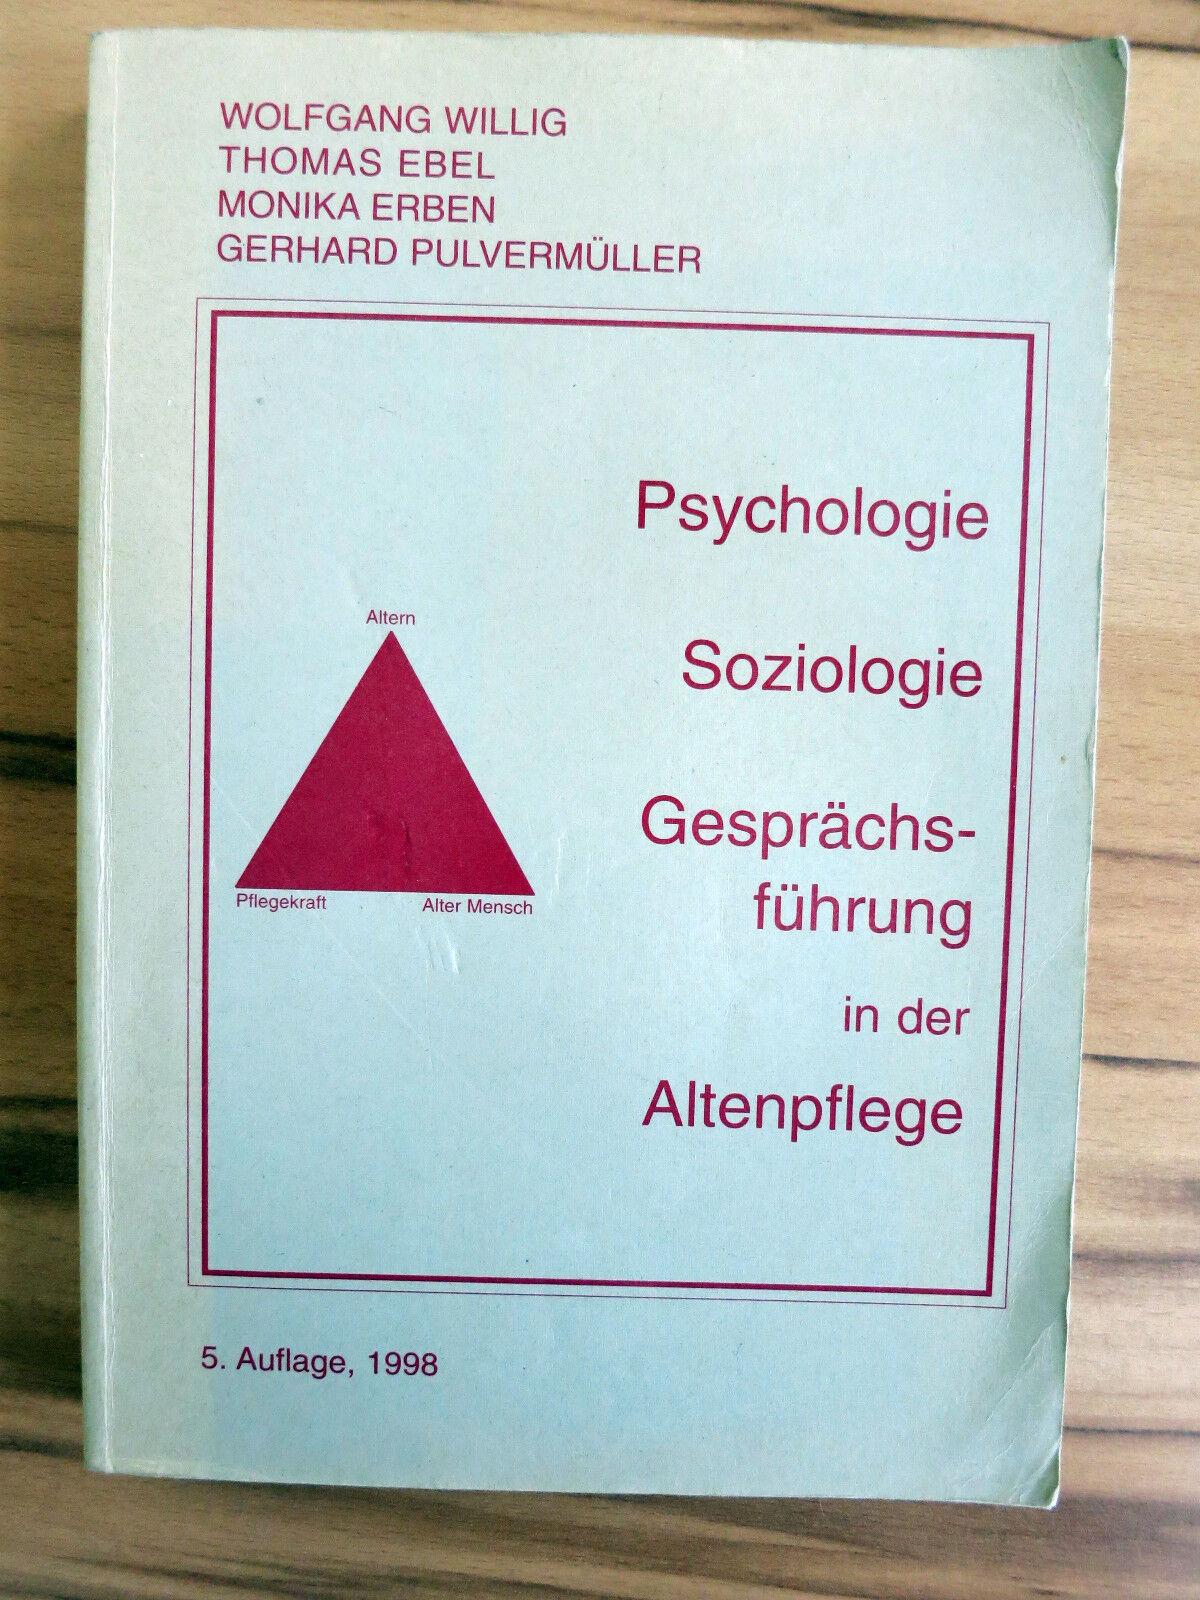 Willig, u.a- Psychologie, Soziologie, Gesprächsführung in der Altenpflege (1998)